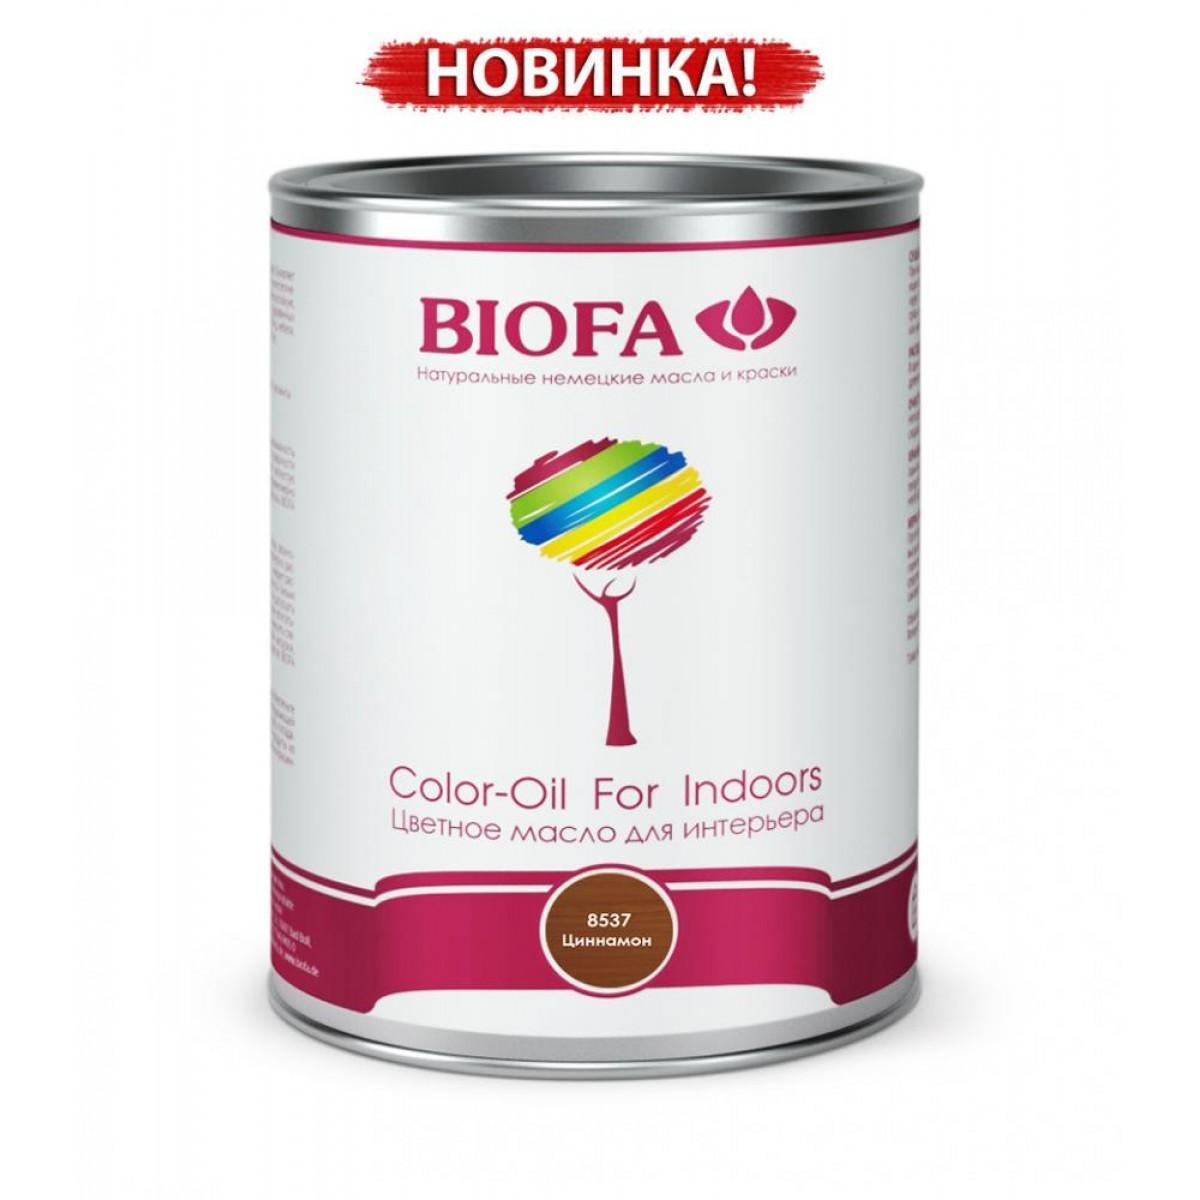 8521-05 Цветное масло для интерьера. Циннамон